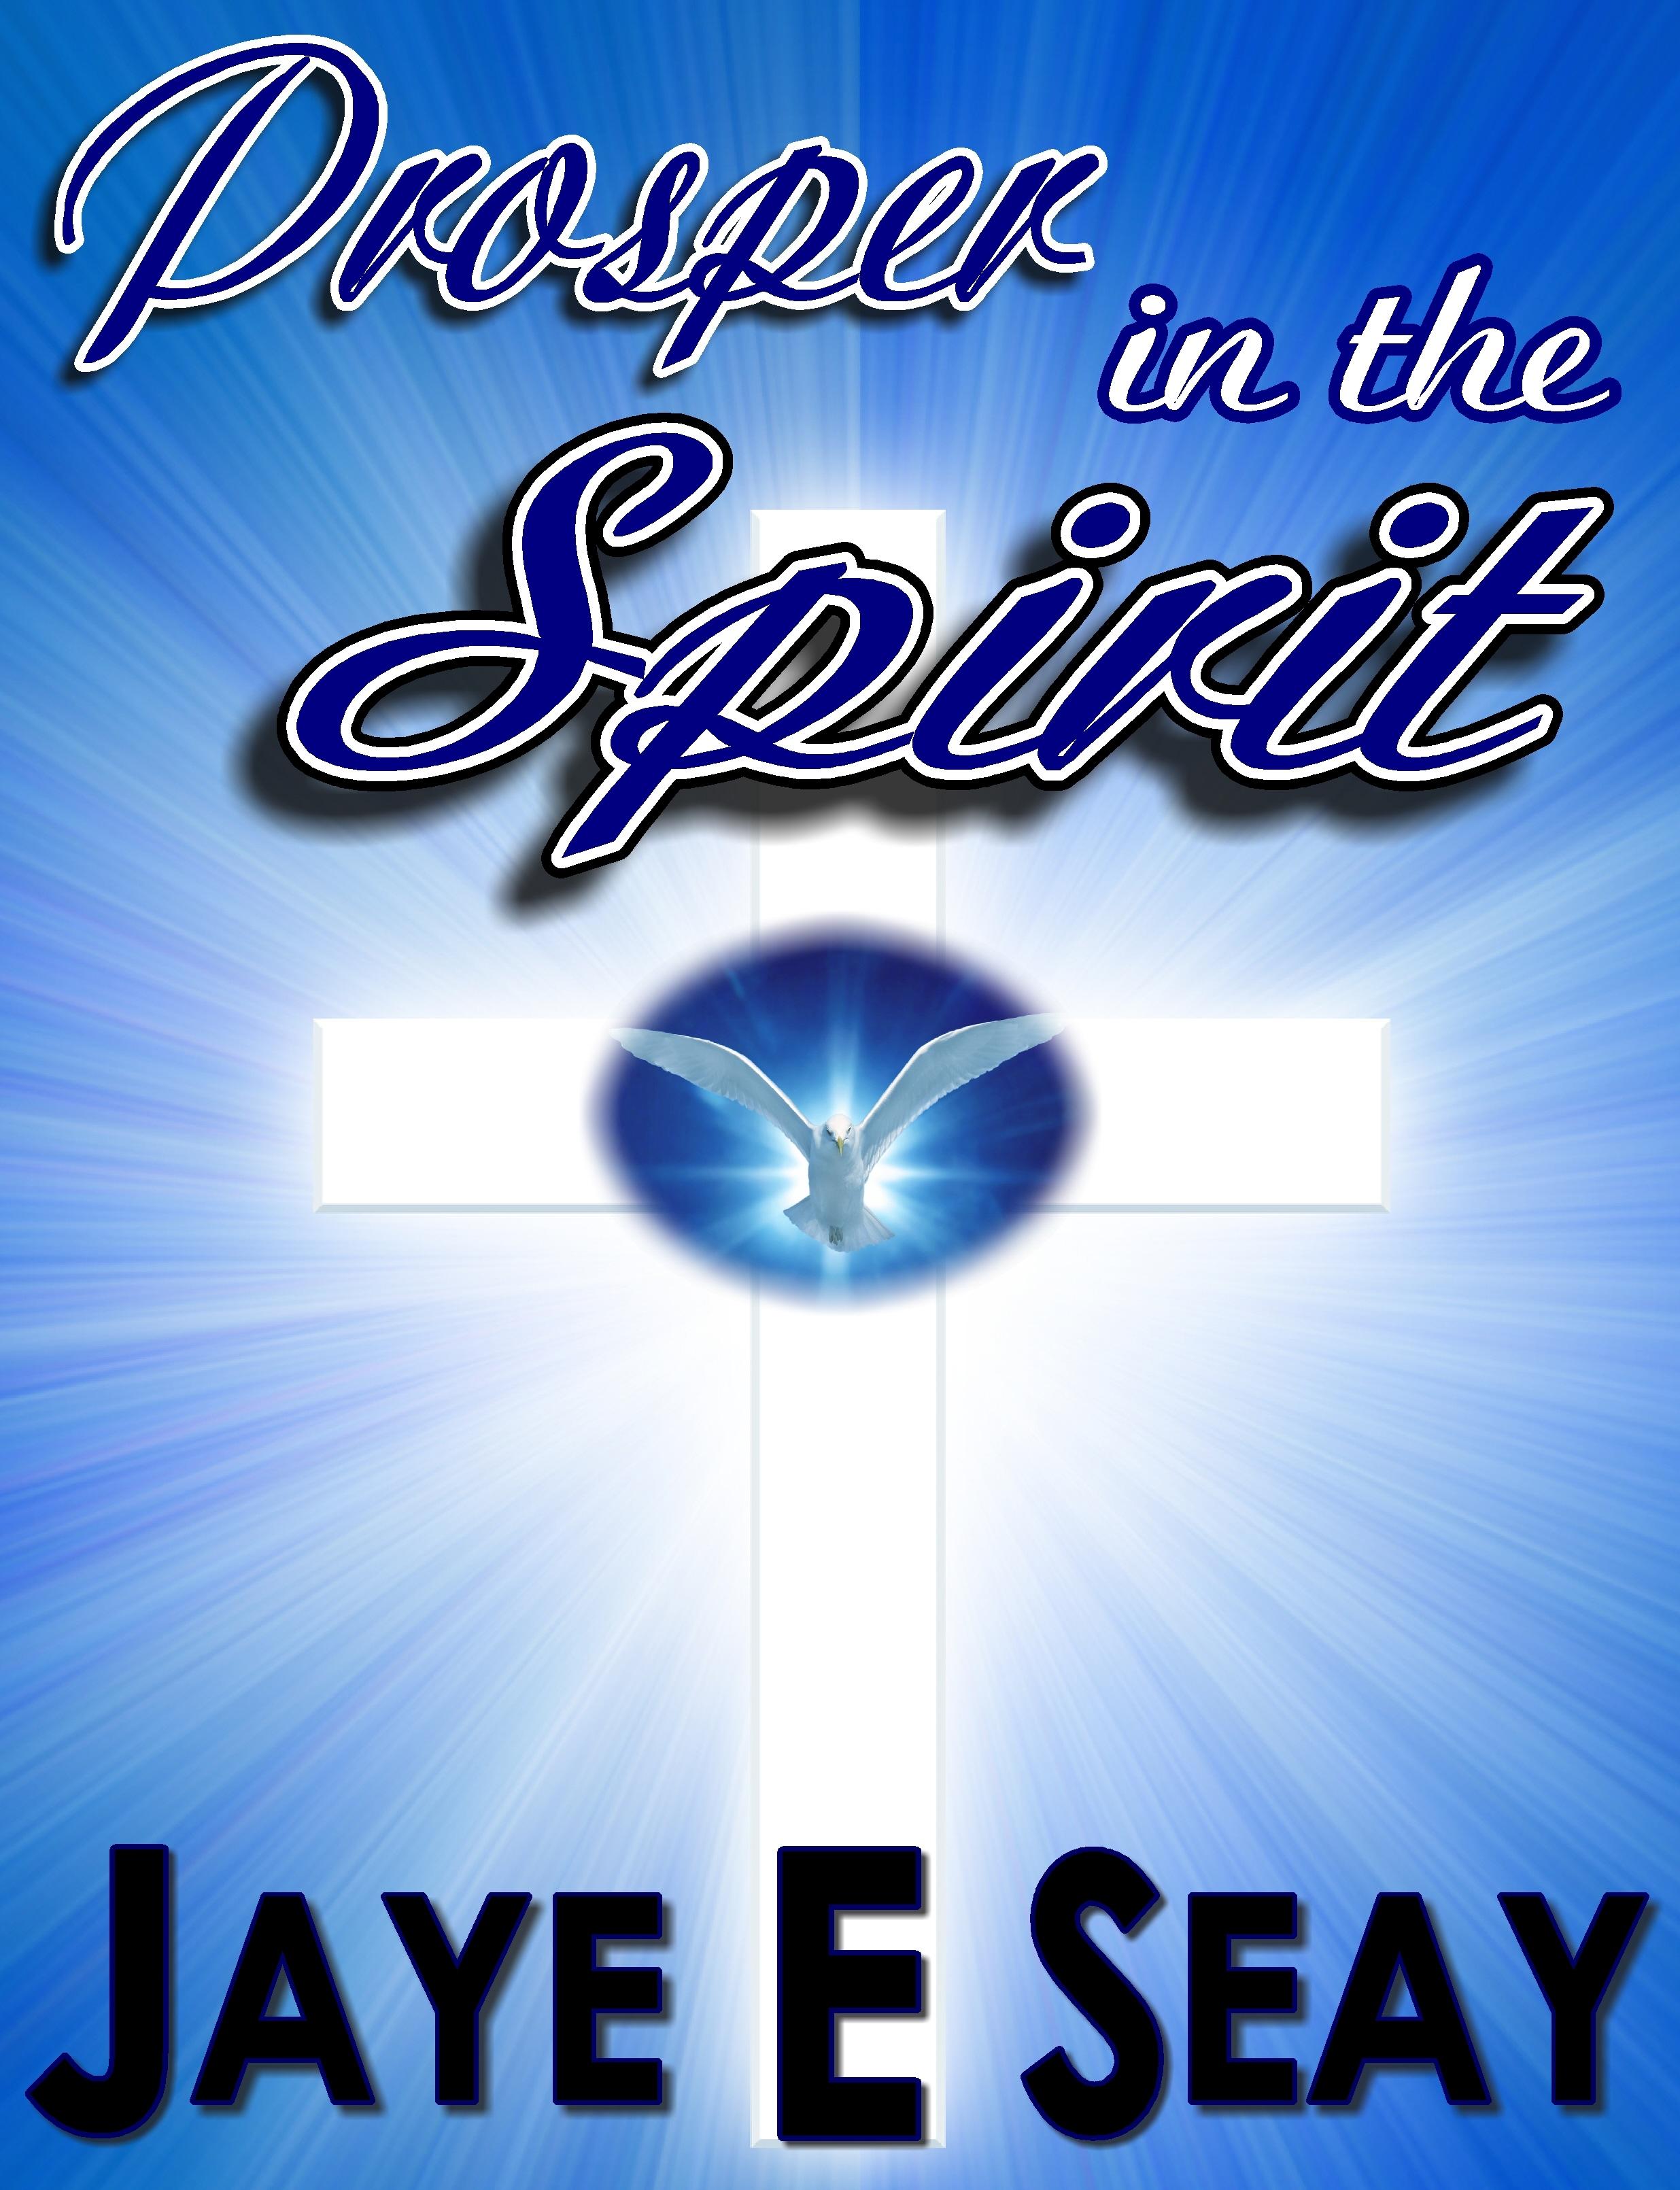 Prosper in the Spirit